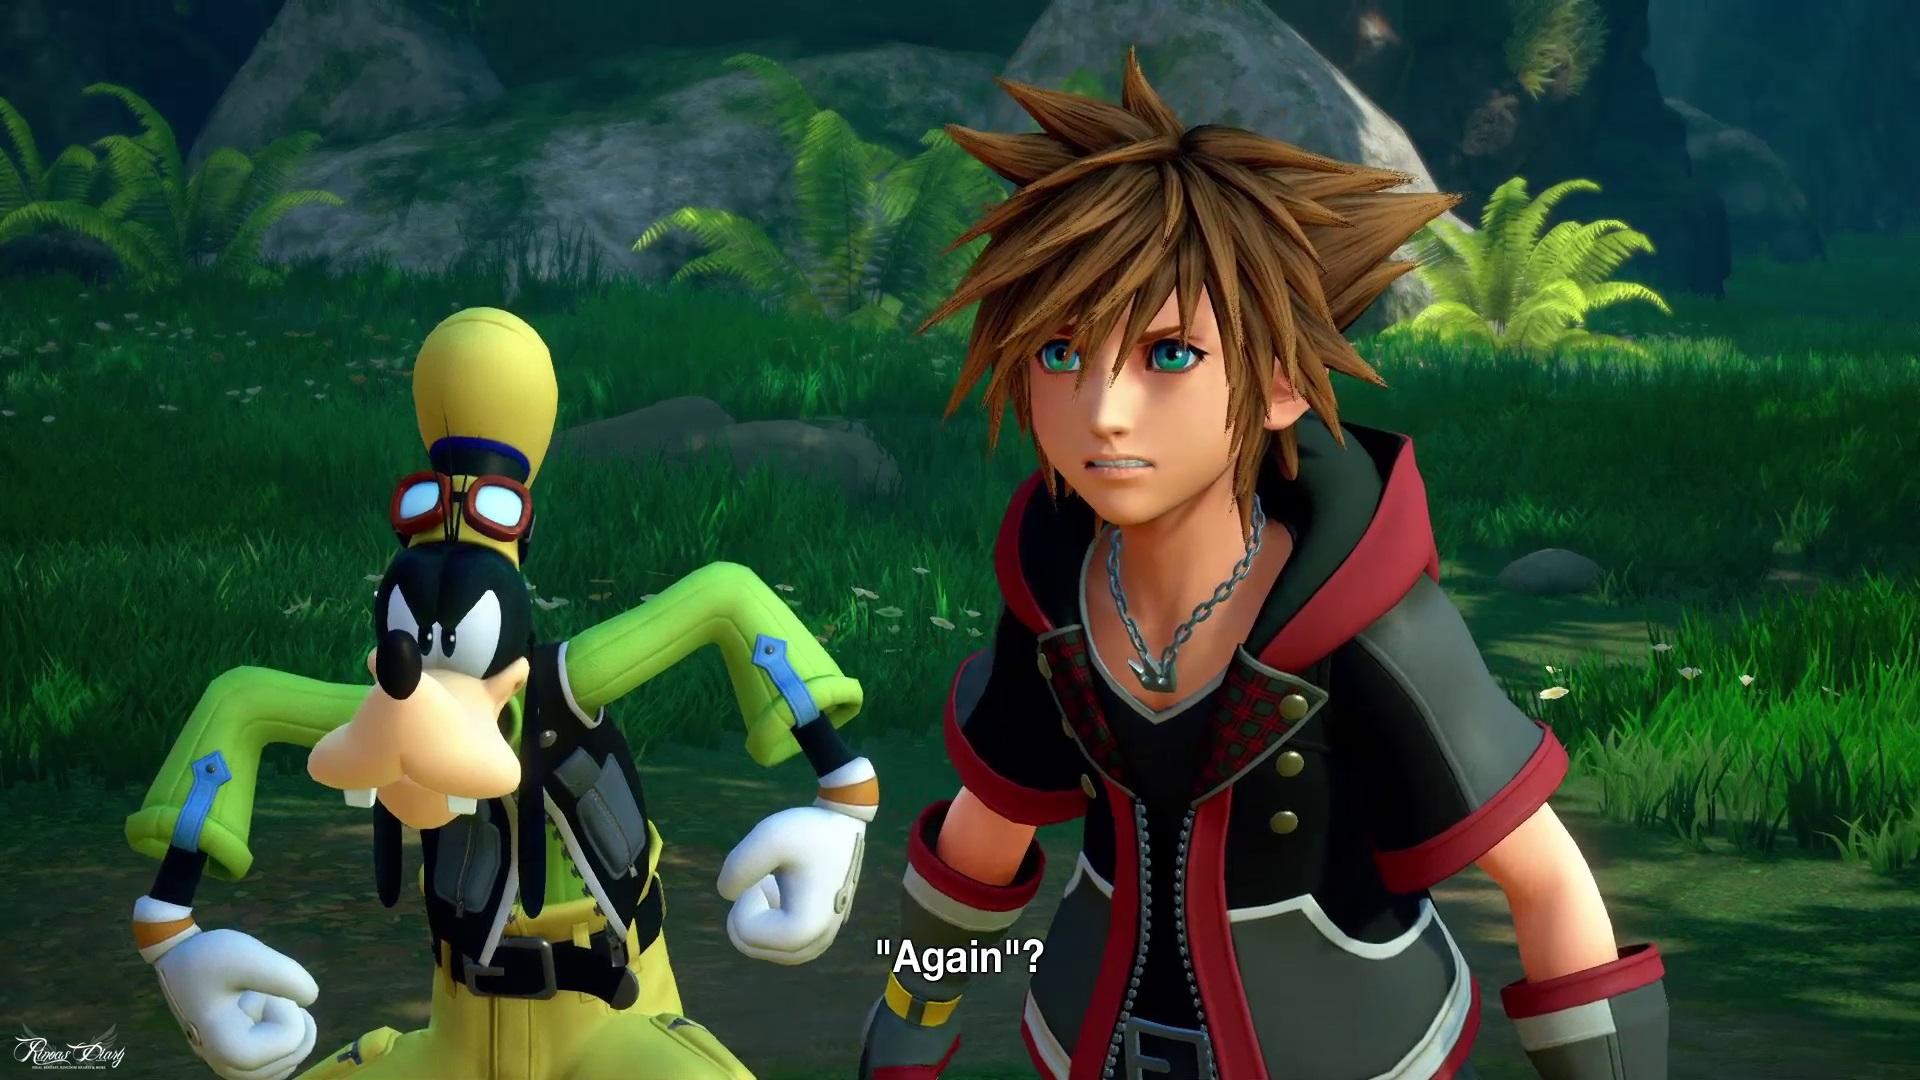 Più di 90 immagini HD dall'ultimo trailer di Kingdom Hearts III!